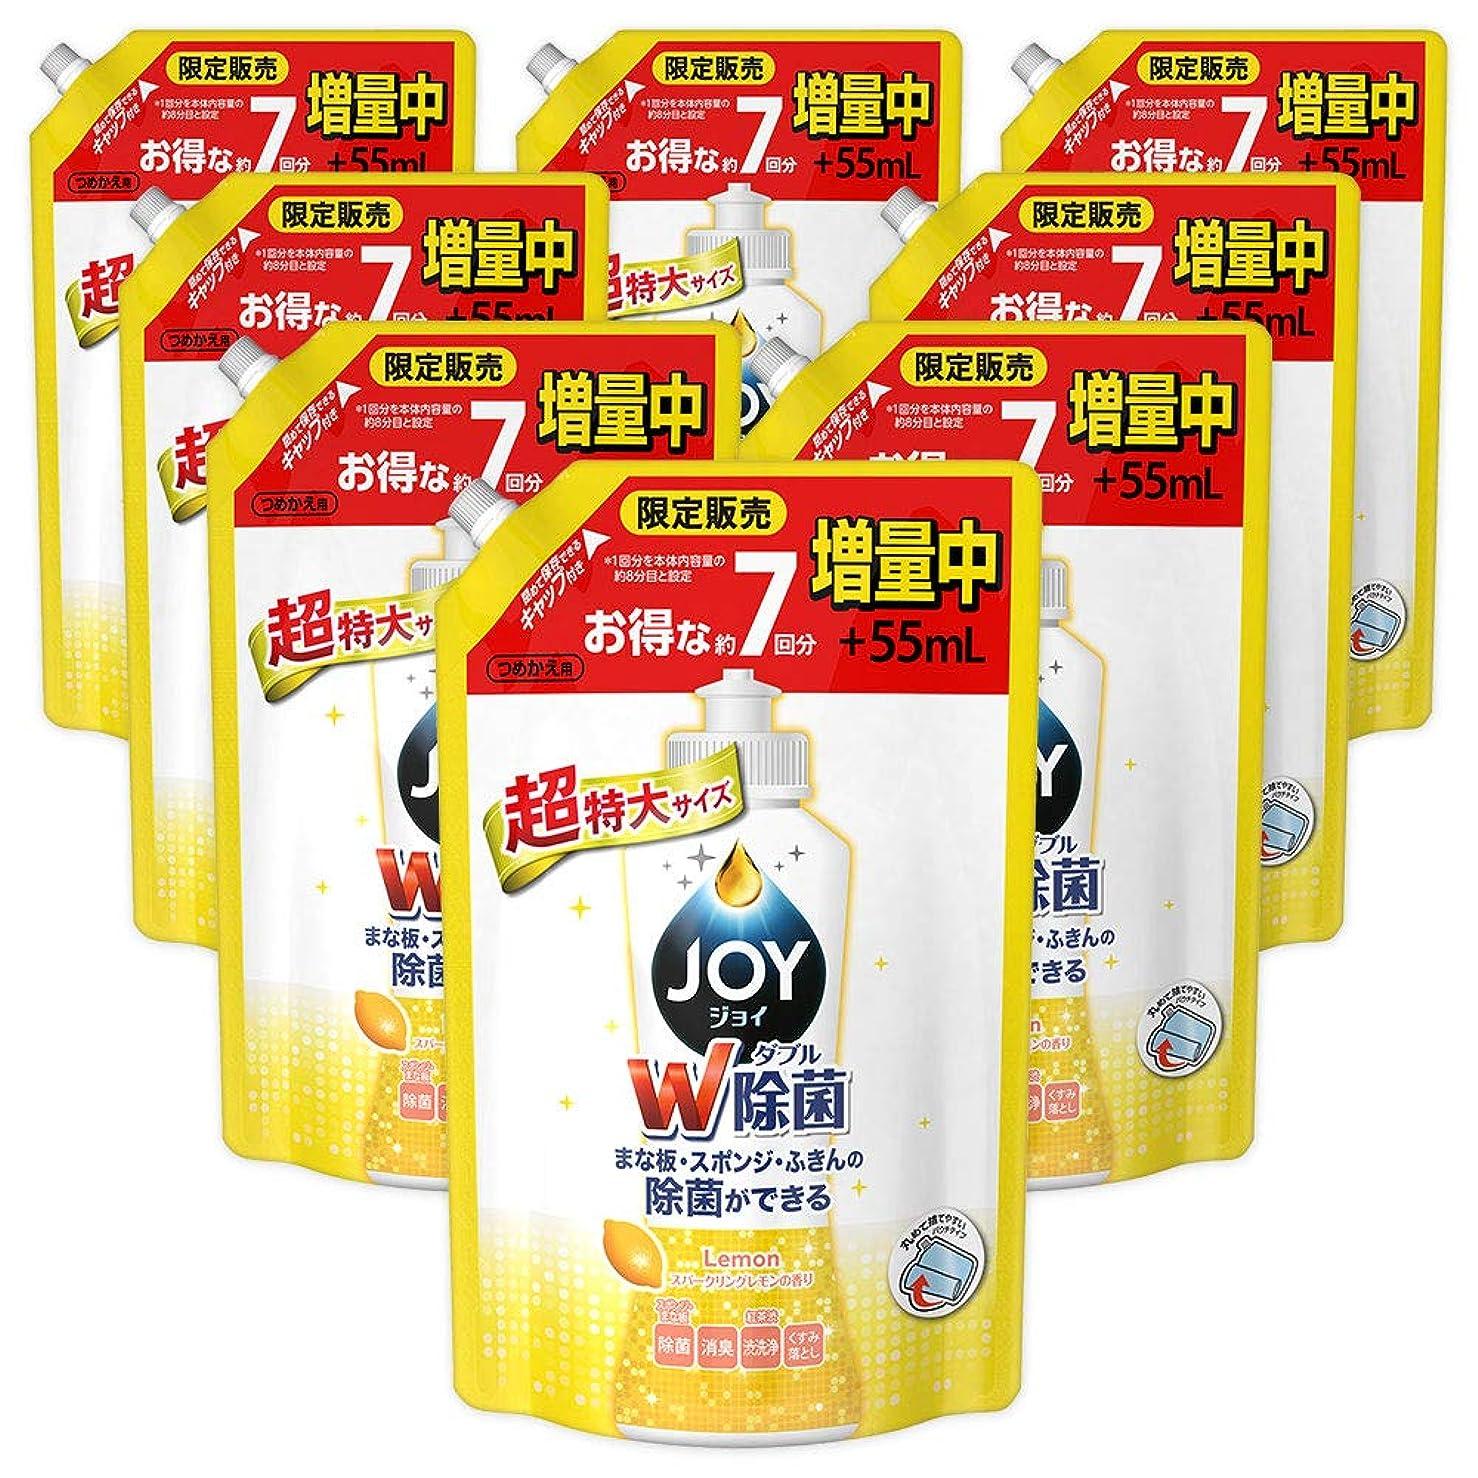 かもめ前奏曲蚊【ケース販売】 除菌ジョイ コンパクト 食器洗剤 スパークリングレモンの香り 詰め替え 超特大増量 1120 mL×8個